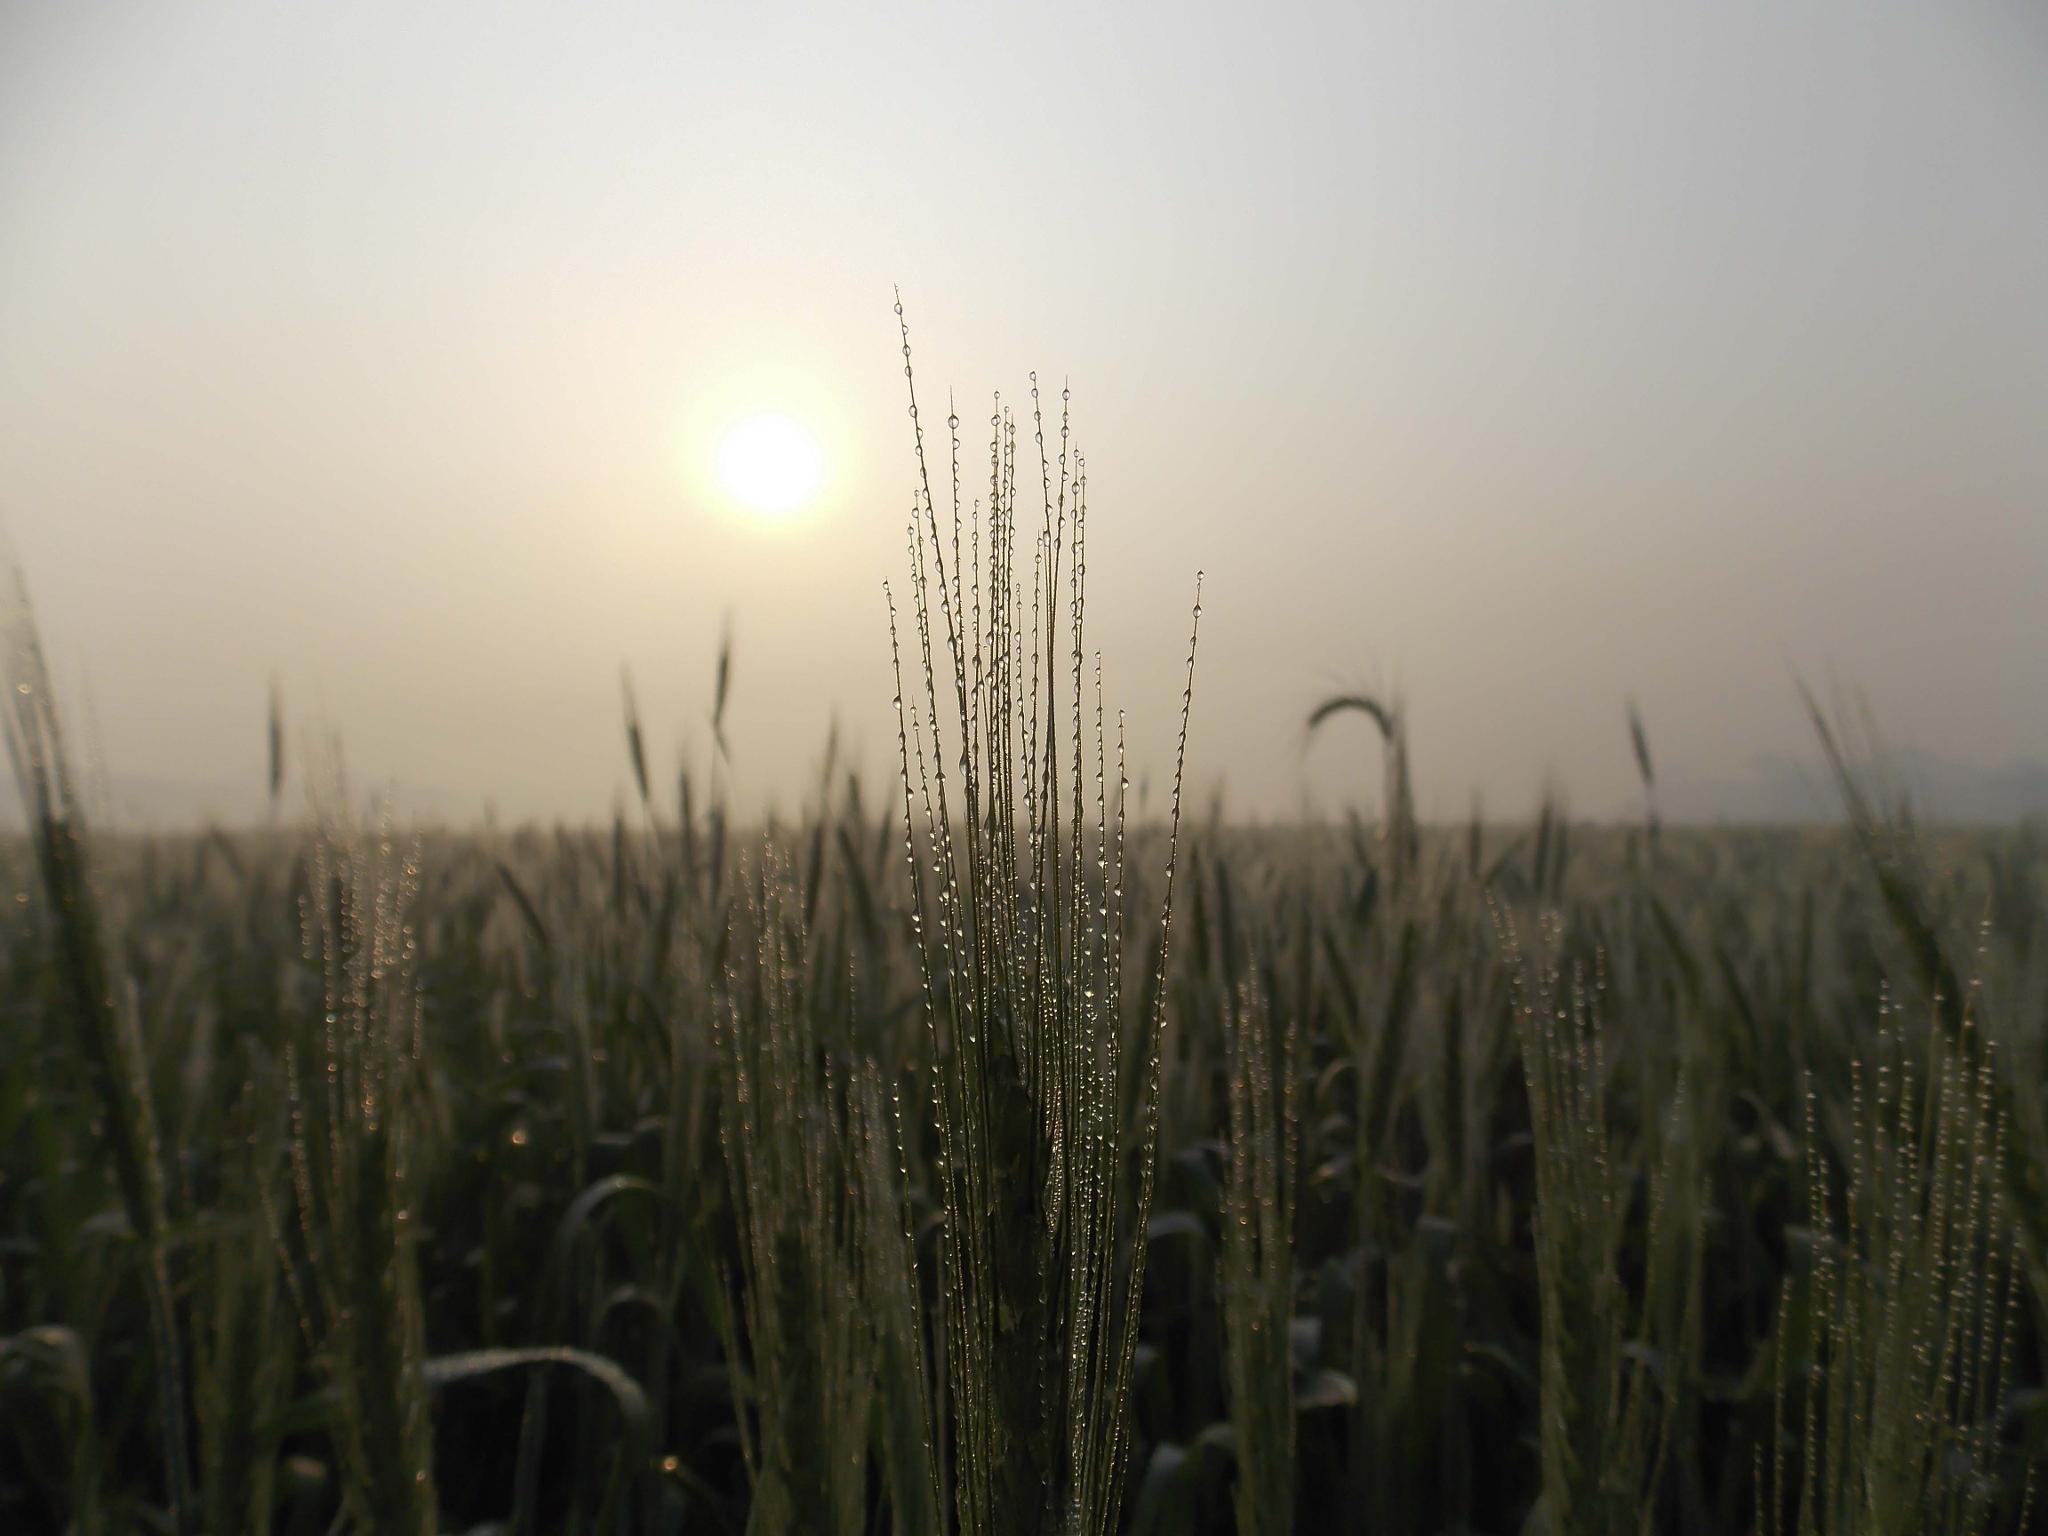 Foggy Morning In Crops Field by M Azharul Islam